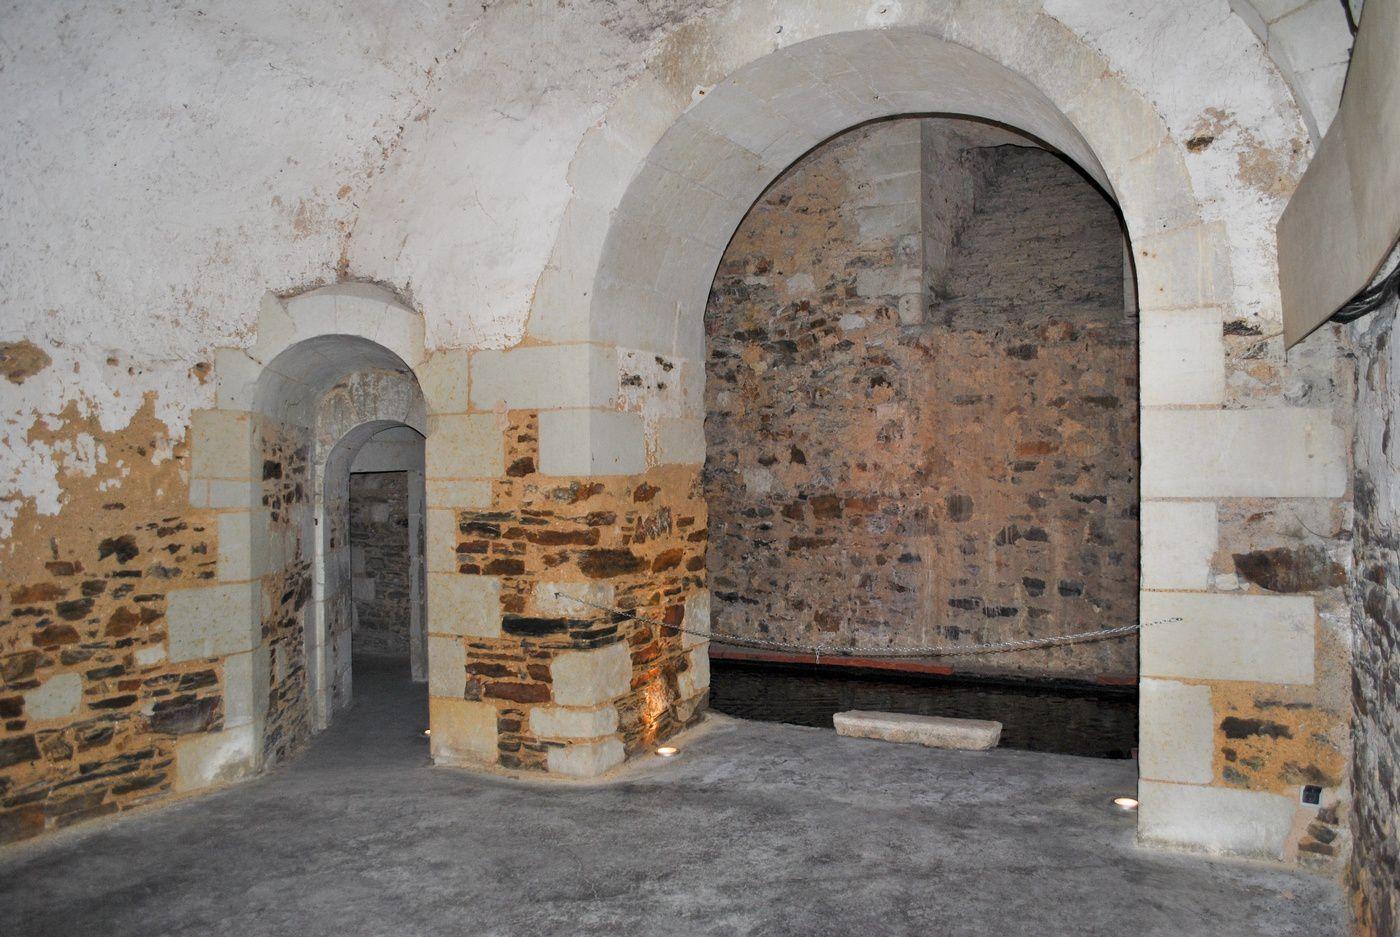 Château de Brissac: Cachots à  gauche et un bassin d'eau à droite. (Photo prise le 19.10.2013)